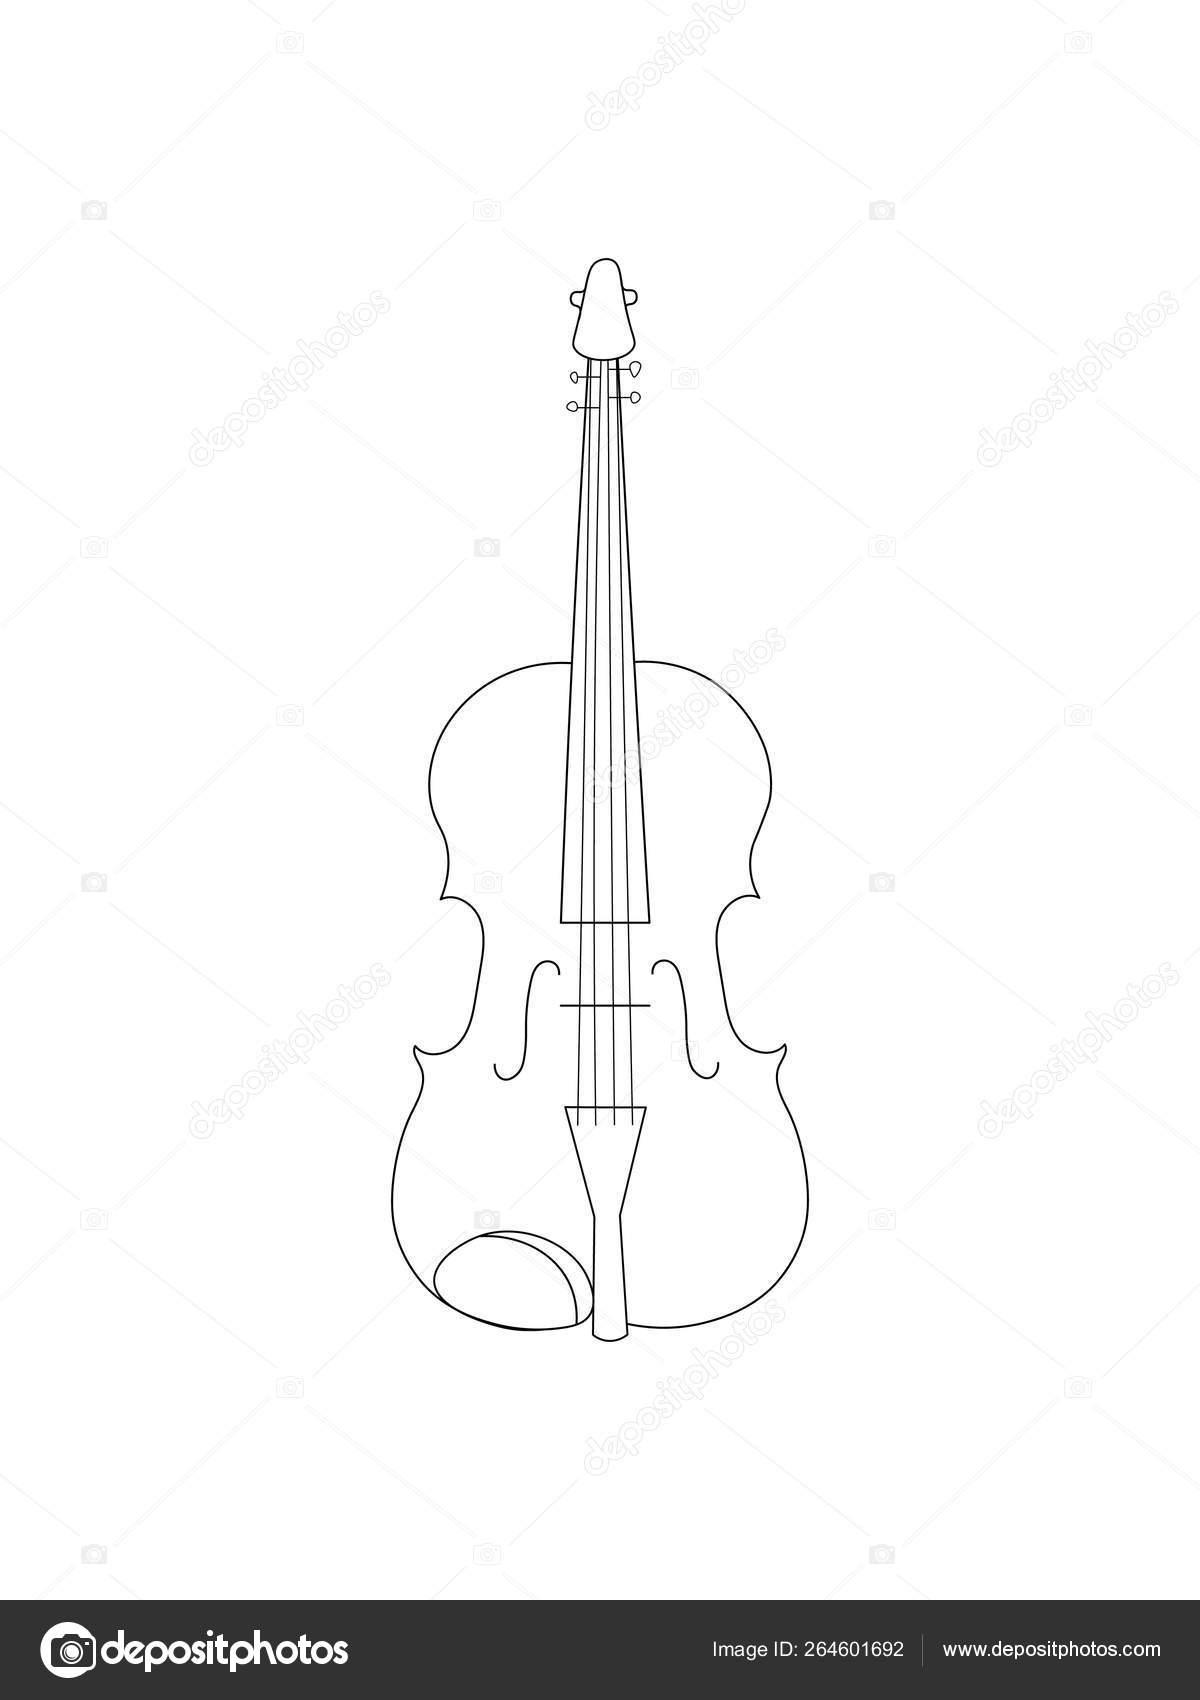 Linha Preta Simples Desenho Instrumento Musical Contorno Violino